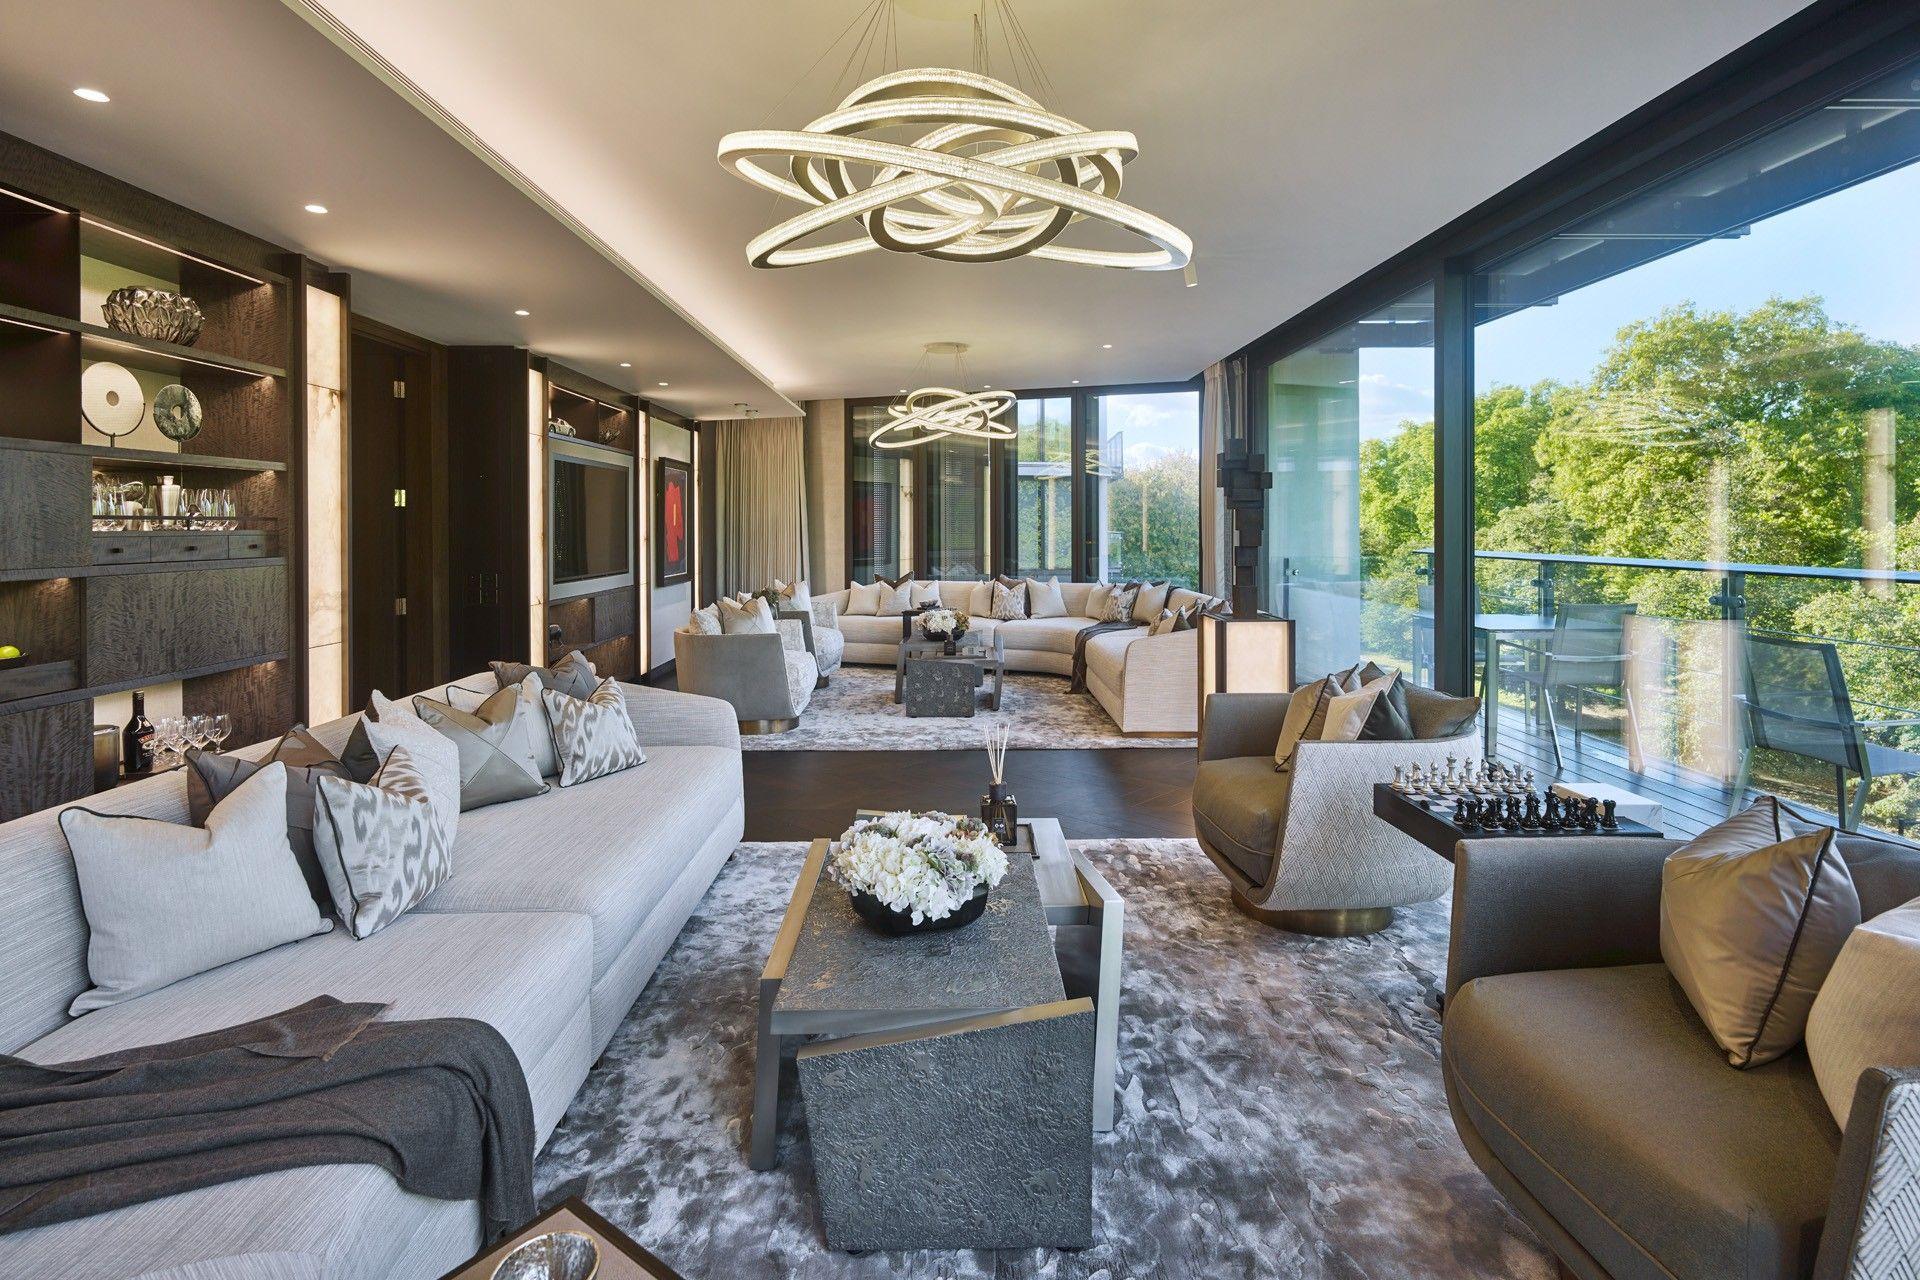 Innenarchitektur wohnzimmer grundrisse one hyde park knightsbridge london  luxury interior design